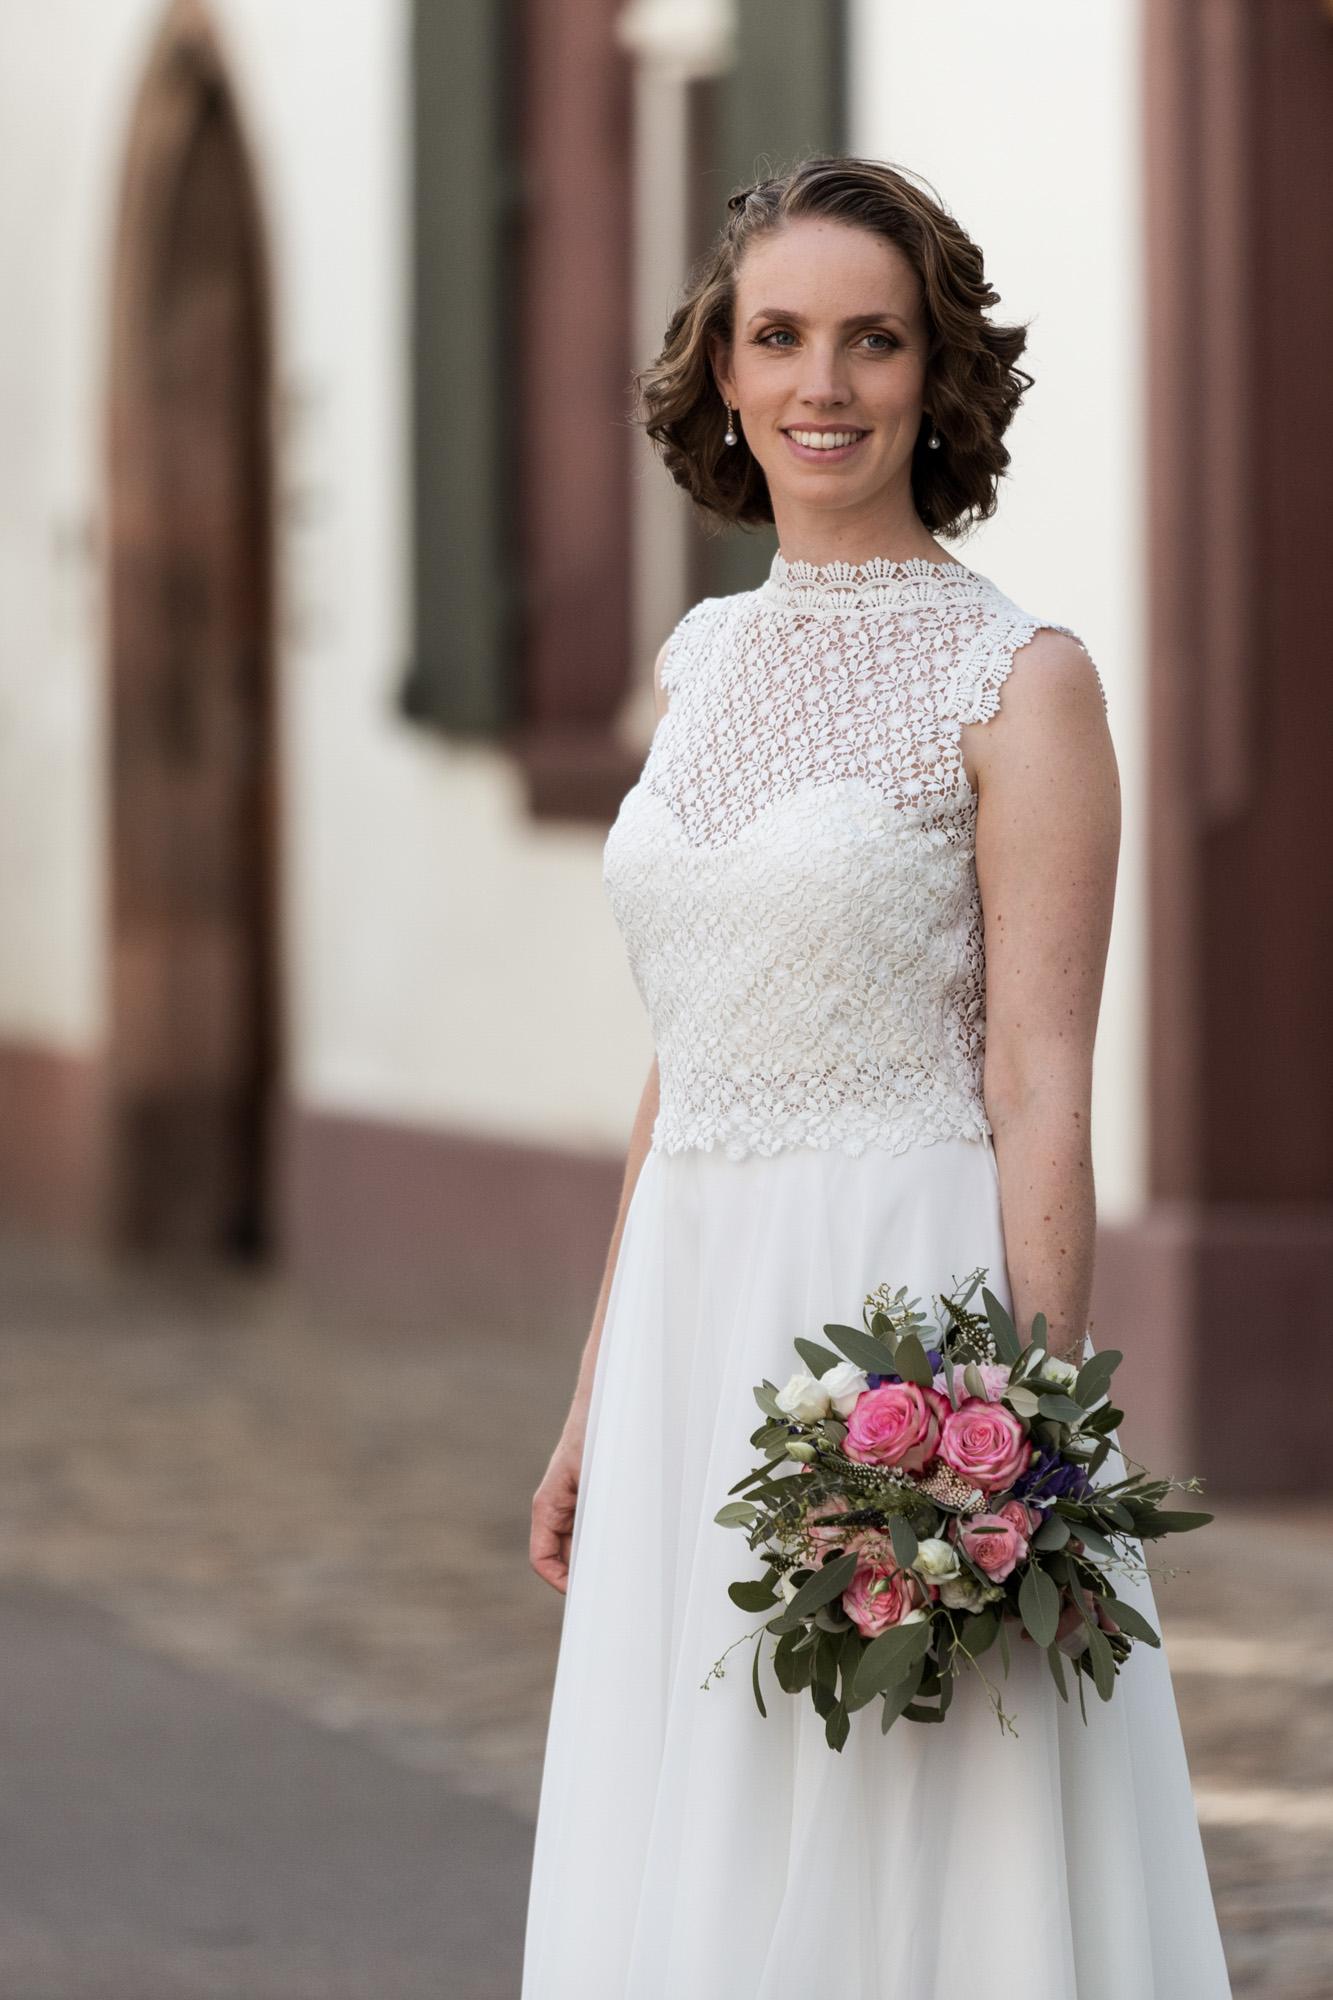 Die wunderhübsche Braut - Heiraten in Basel - Hochzeitsfotografin Basel